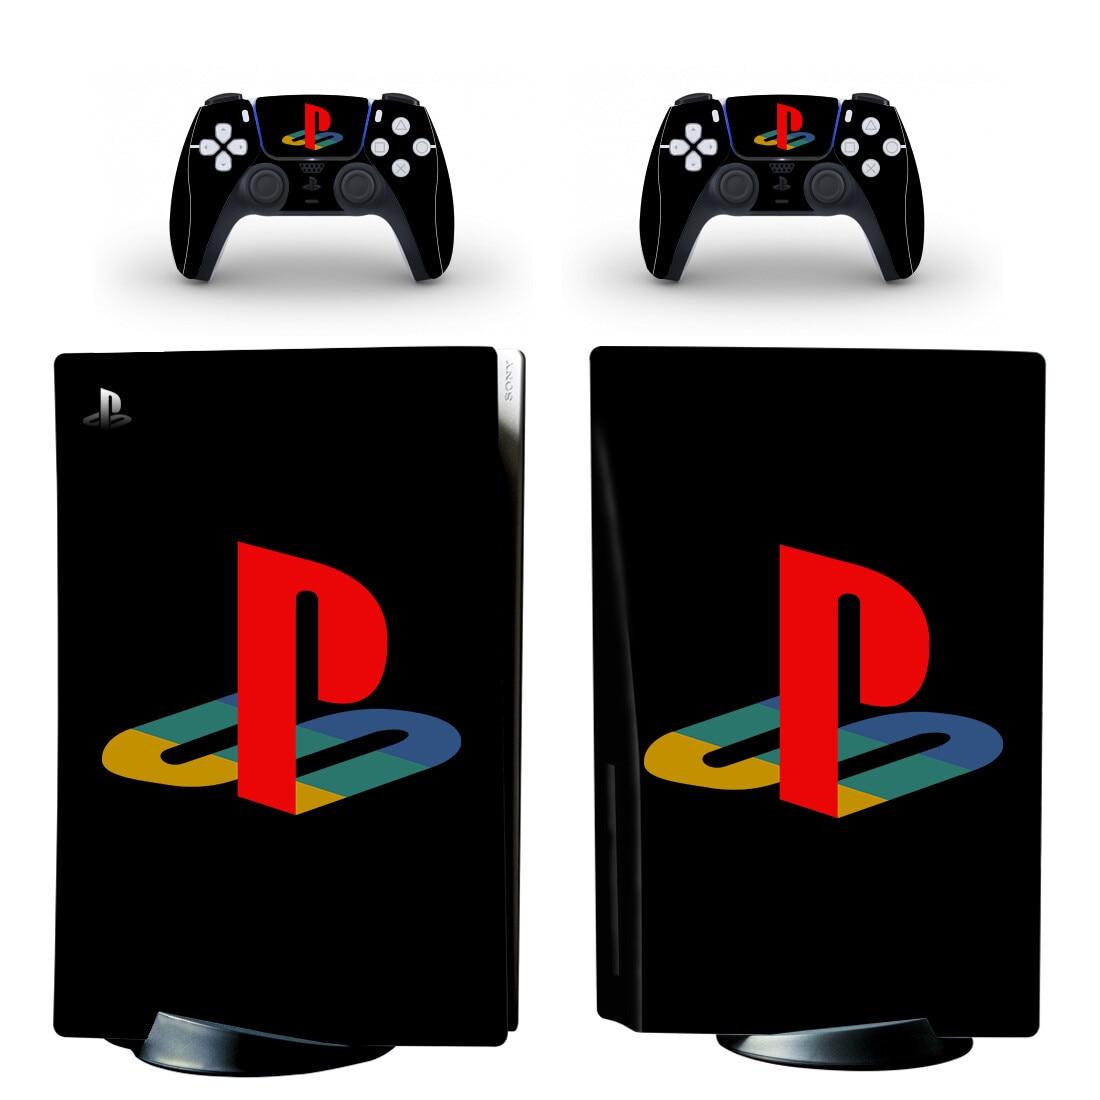 نقية الأسود PS5 القياسية القرص الجلد ملصق مائي غطاء ل بلاي ستيشن 5 وحدة التحكم و 2 تحكم PS5 الجلد ملصق الفينيل